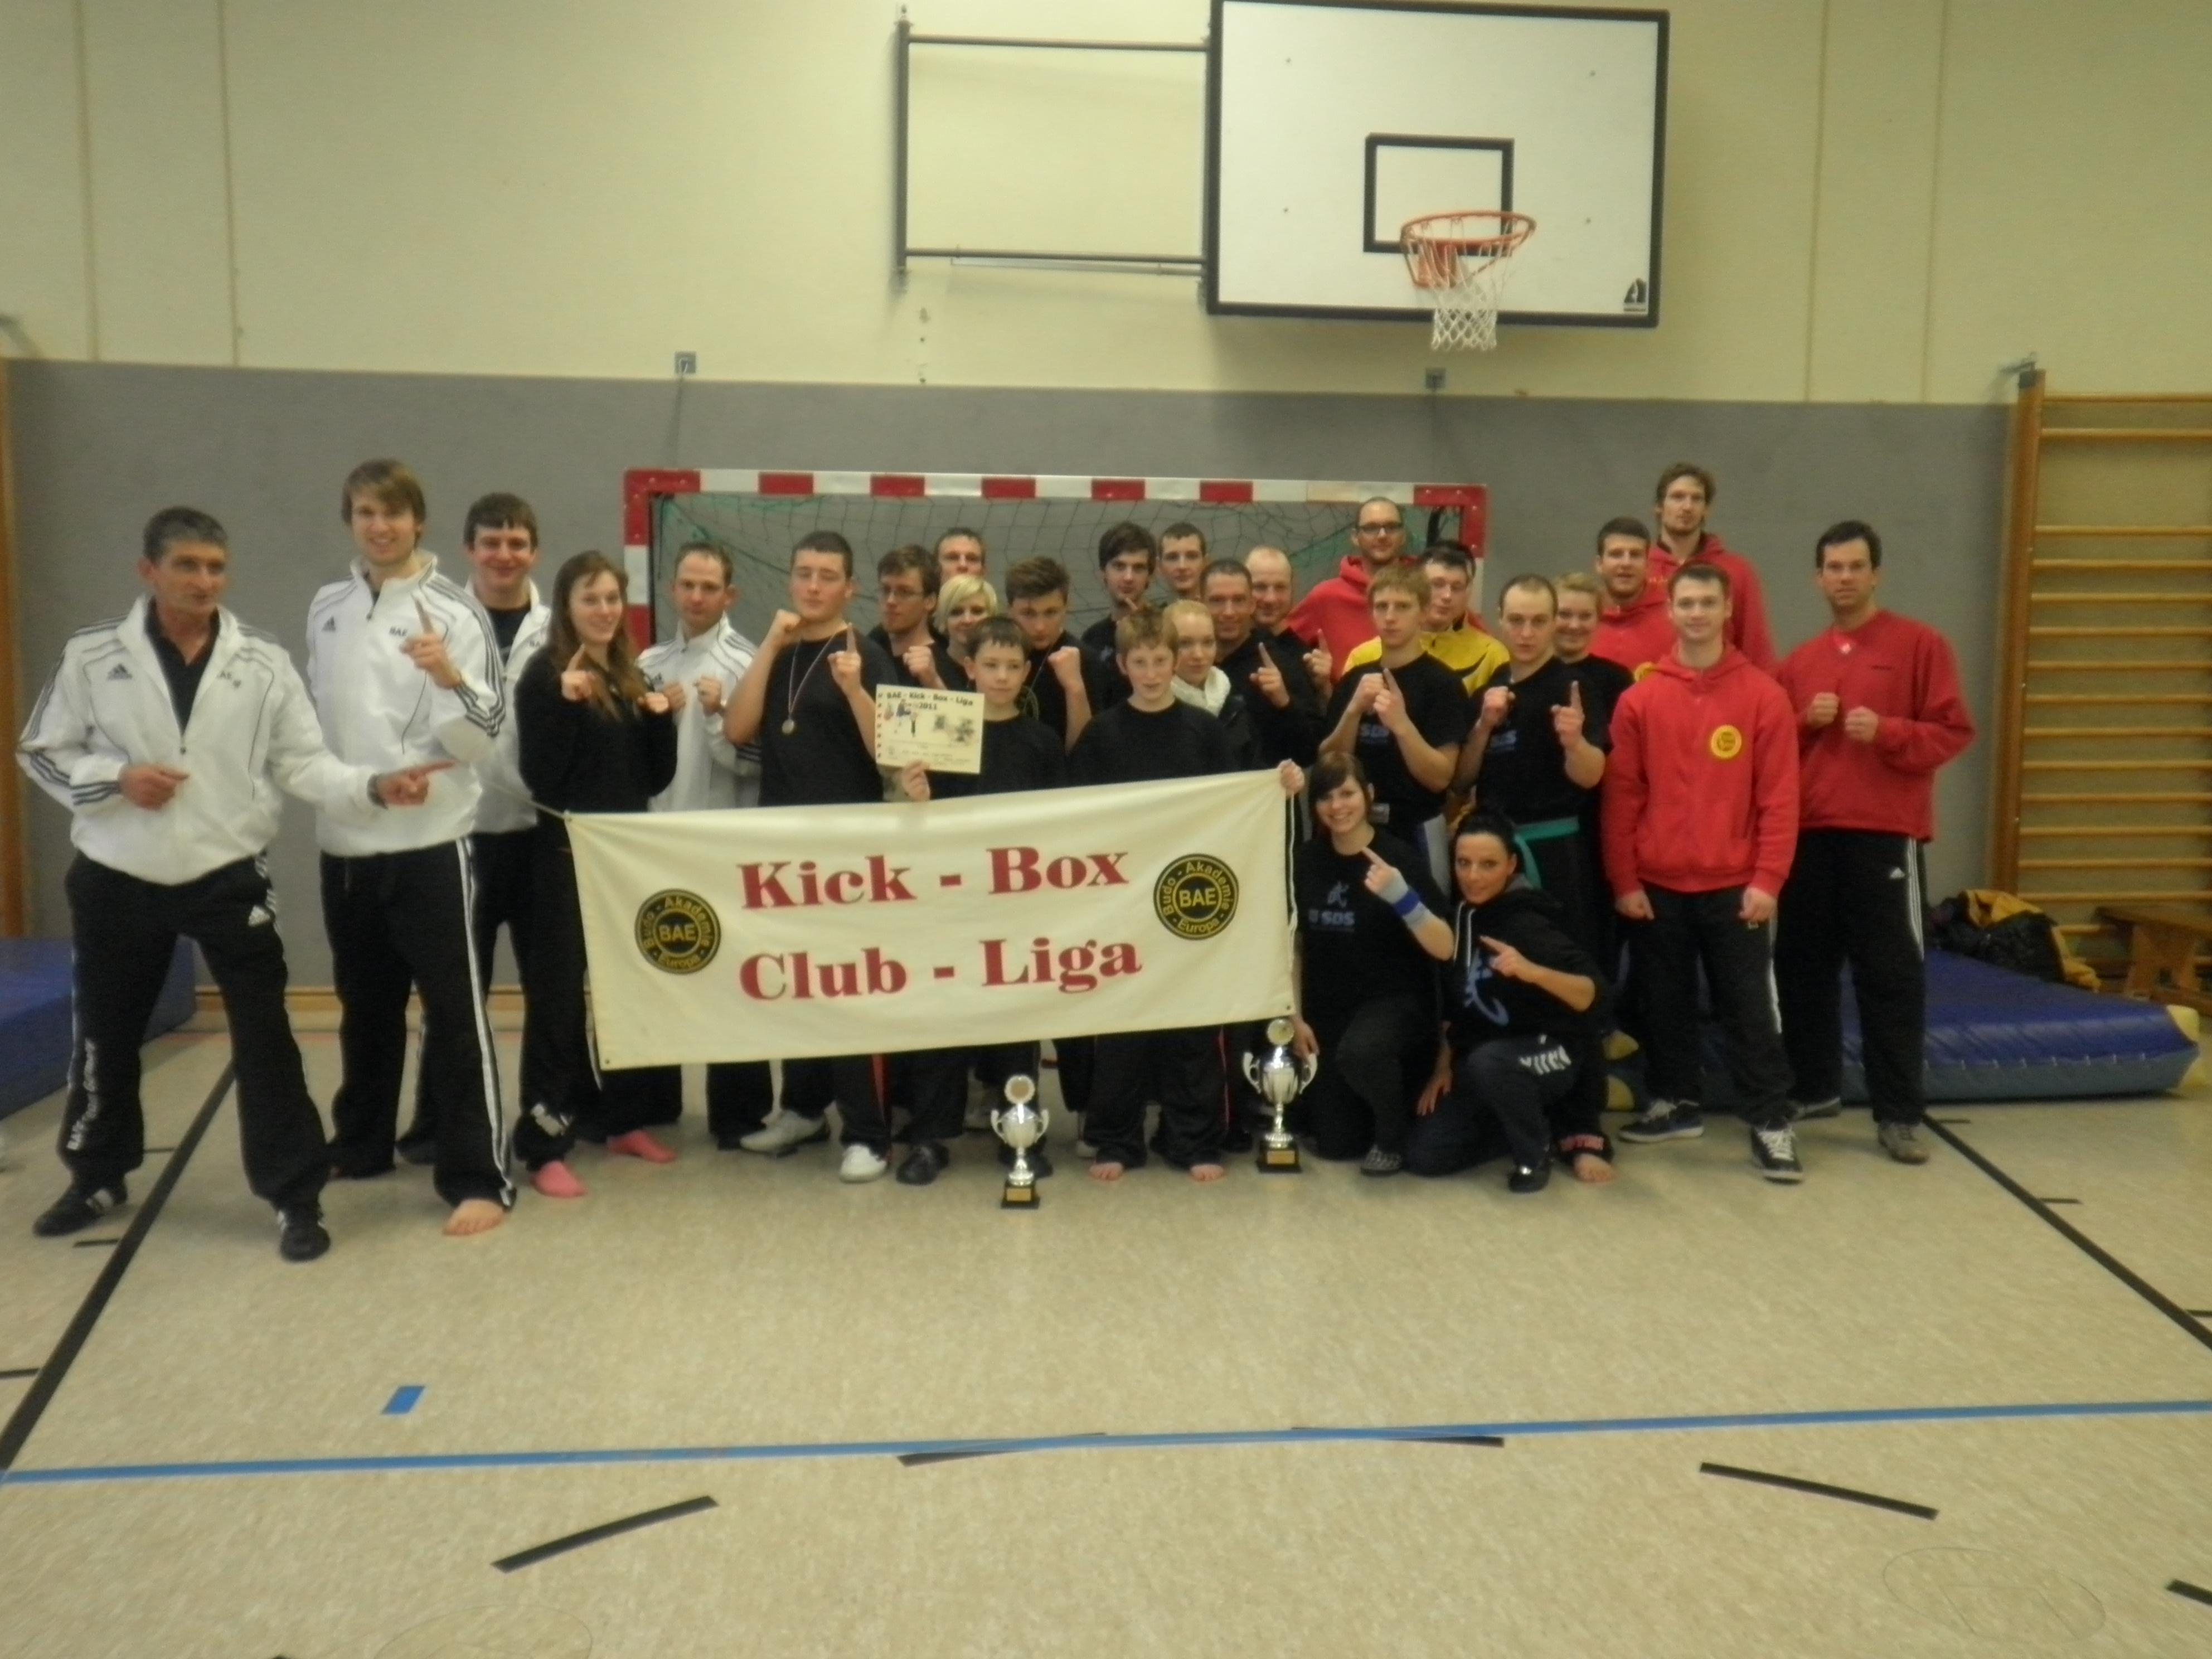 Finale! Abschluss der BAE-Clubliga 2010/11 in Bünde